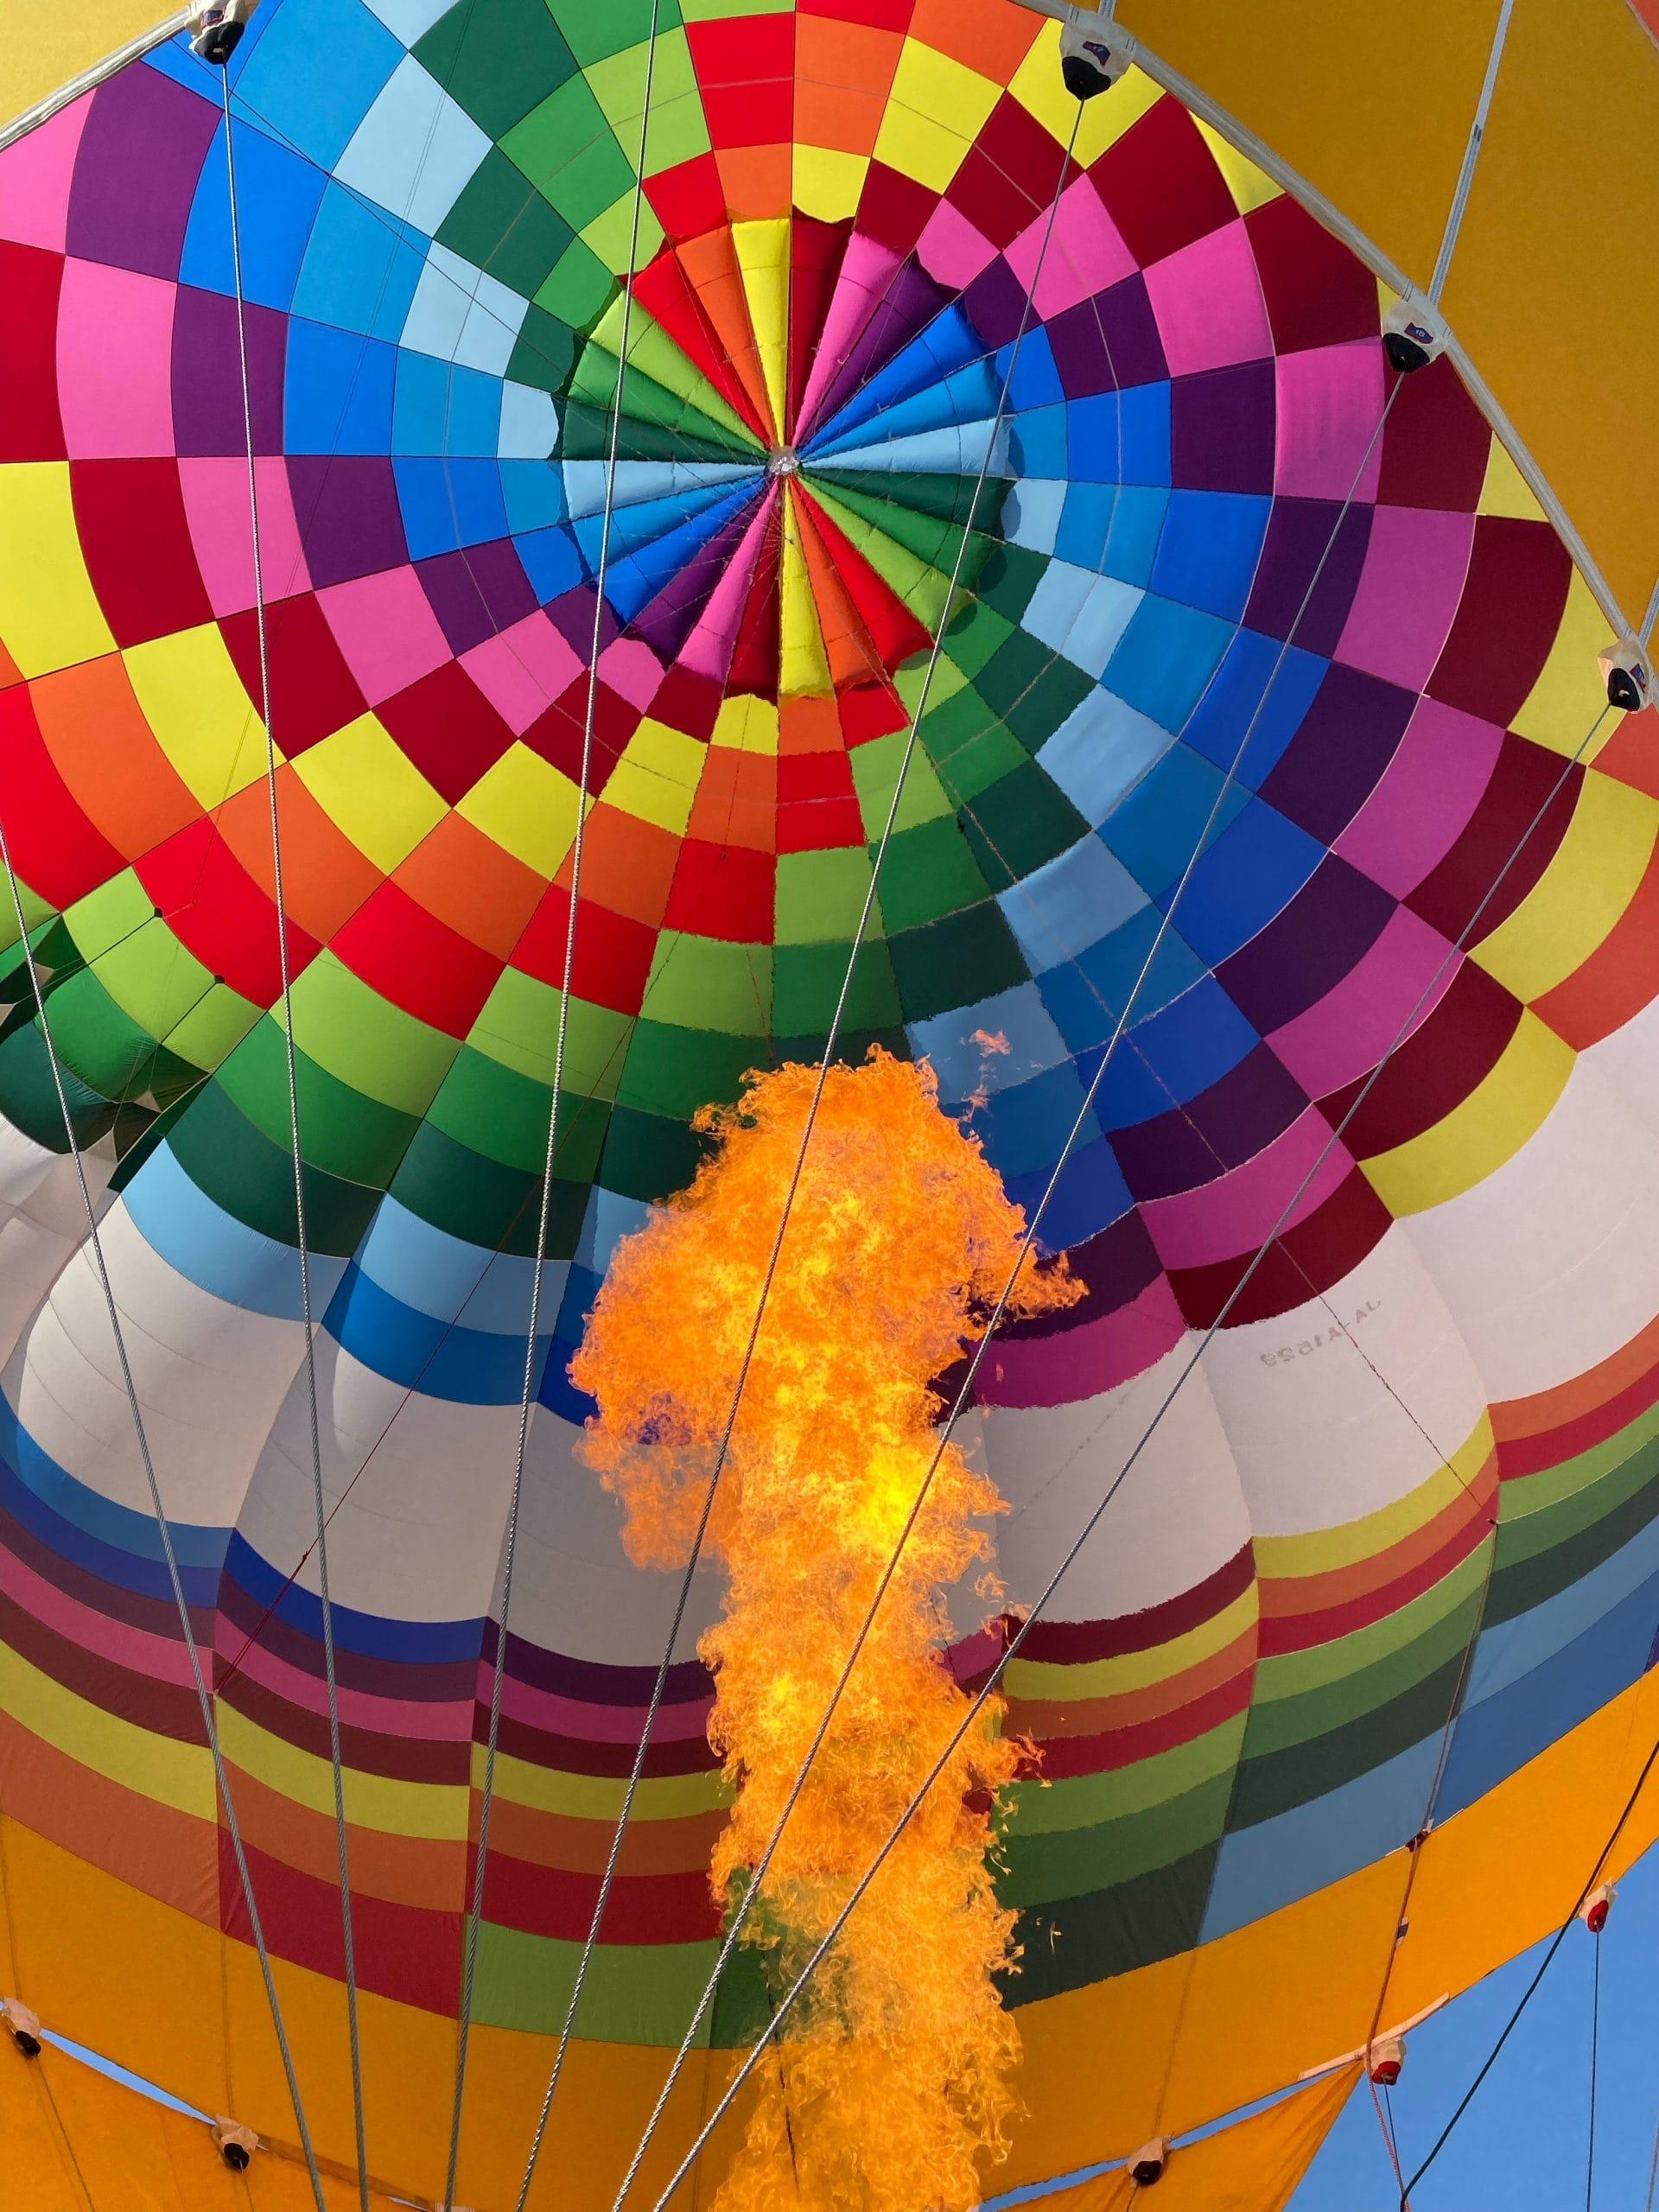 Bild eines Heißluftballons mit vielen Farben